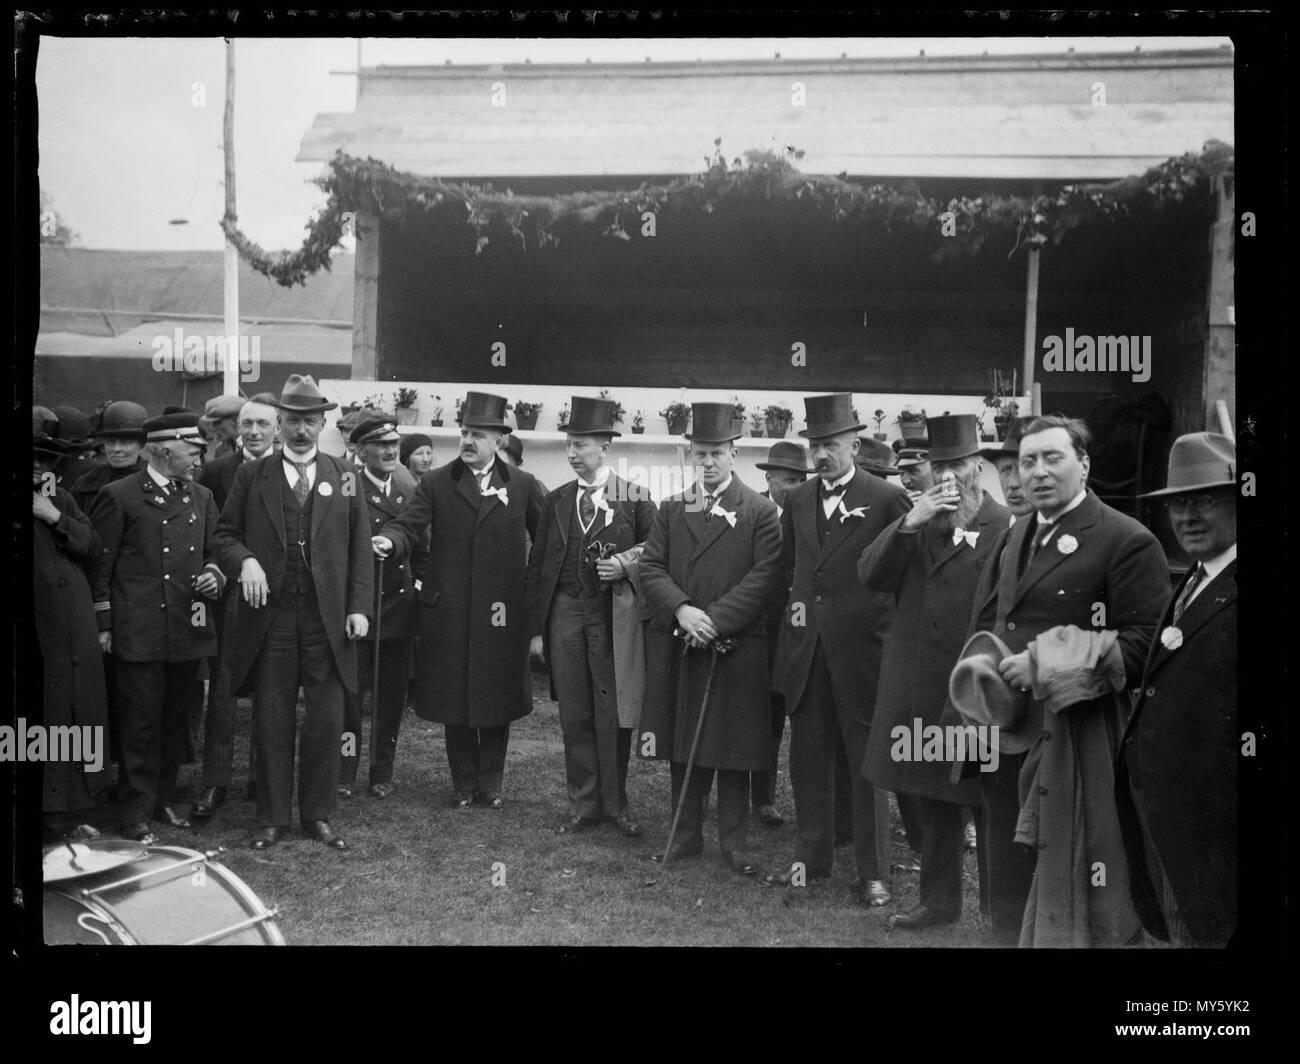 Sportstadion. Groepsfoto waaronder mannen met hoge hoed, mogelijk voor overdekte tribune van een sportstadion tijdens een evenement Den Helder 1930 Catalogusnummer: RAA003012709 Collectie Regionaal Archief Alkmaar - Stock Image